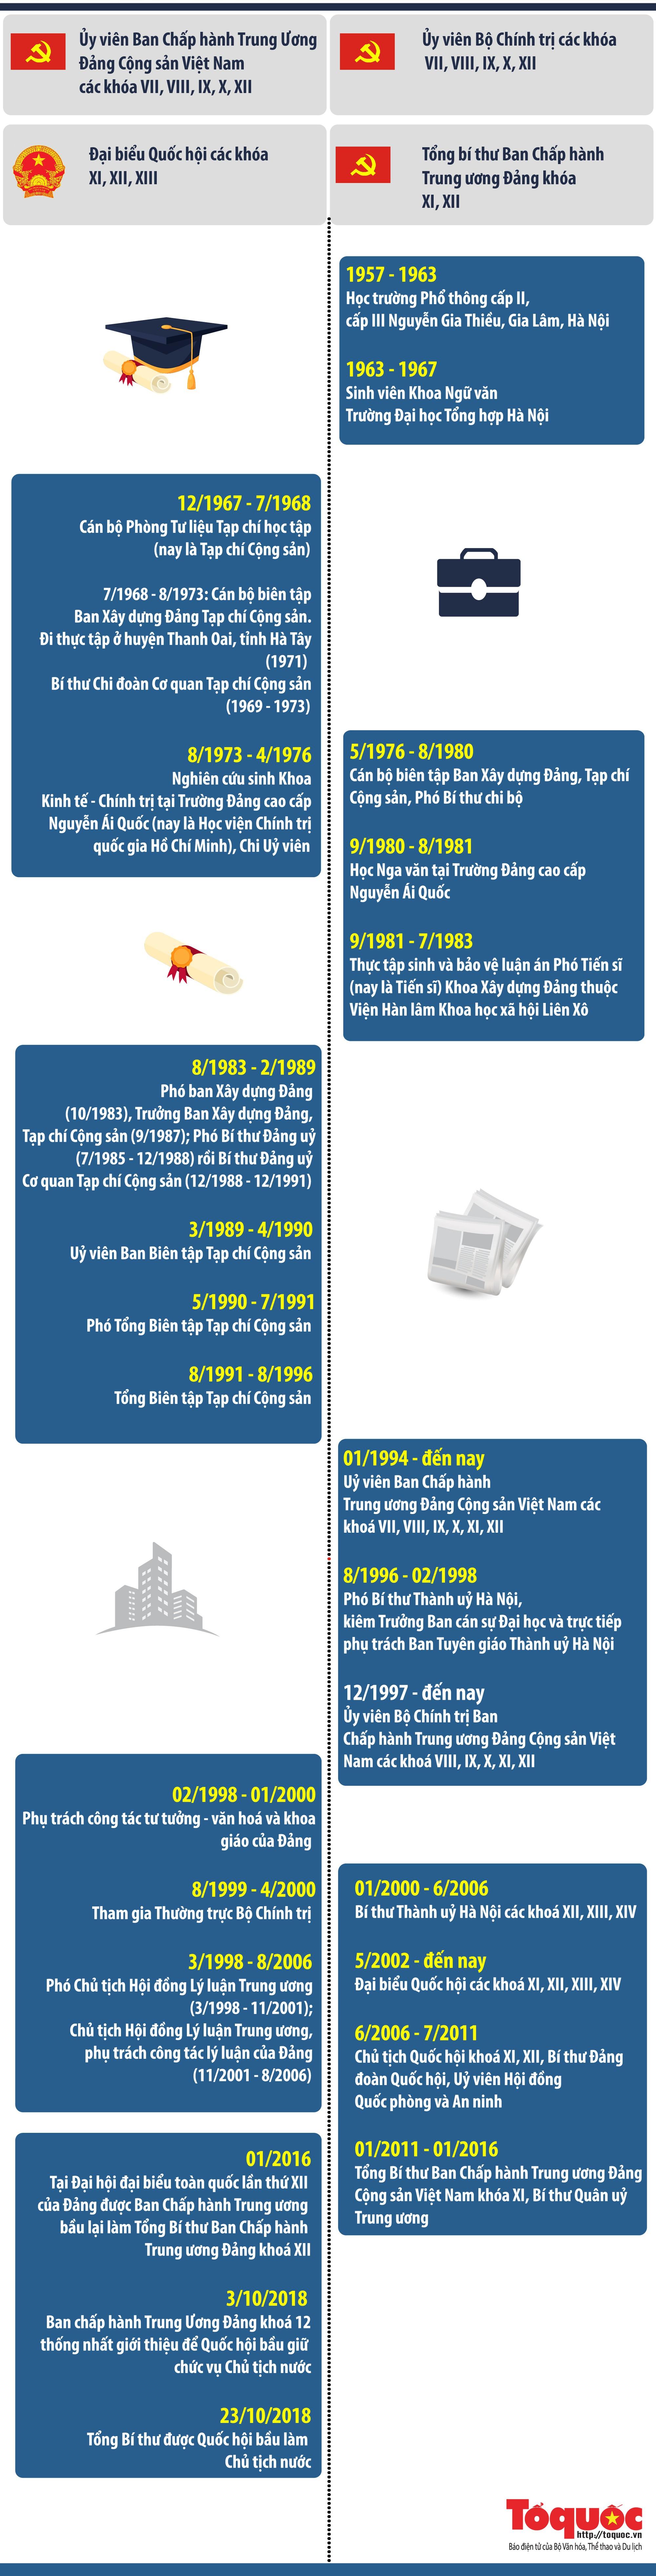 [Infographics] Chặng đường hoạt động của Tổng Bí thư, Chủ tịch nước Nguyễn Phú Trọng - Ảnh 1.